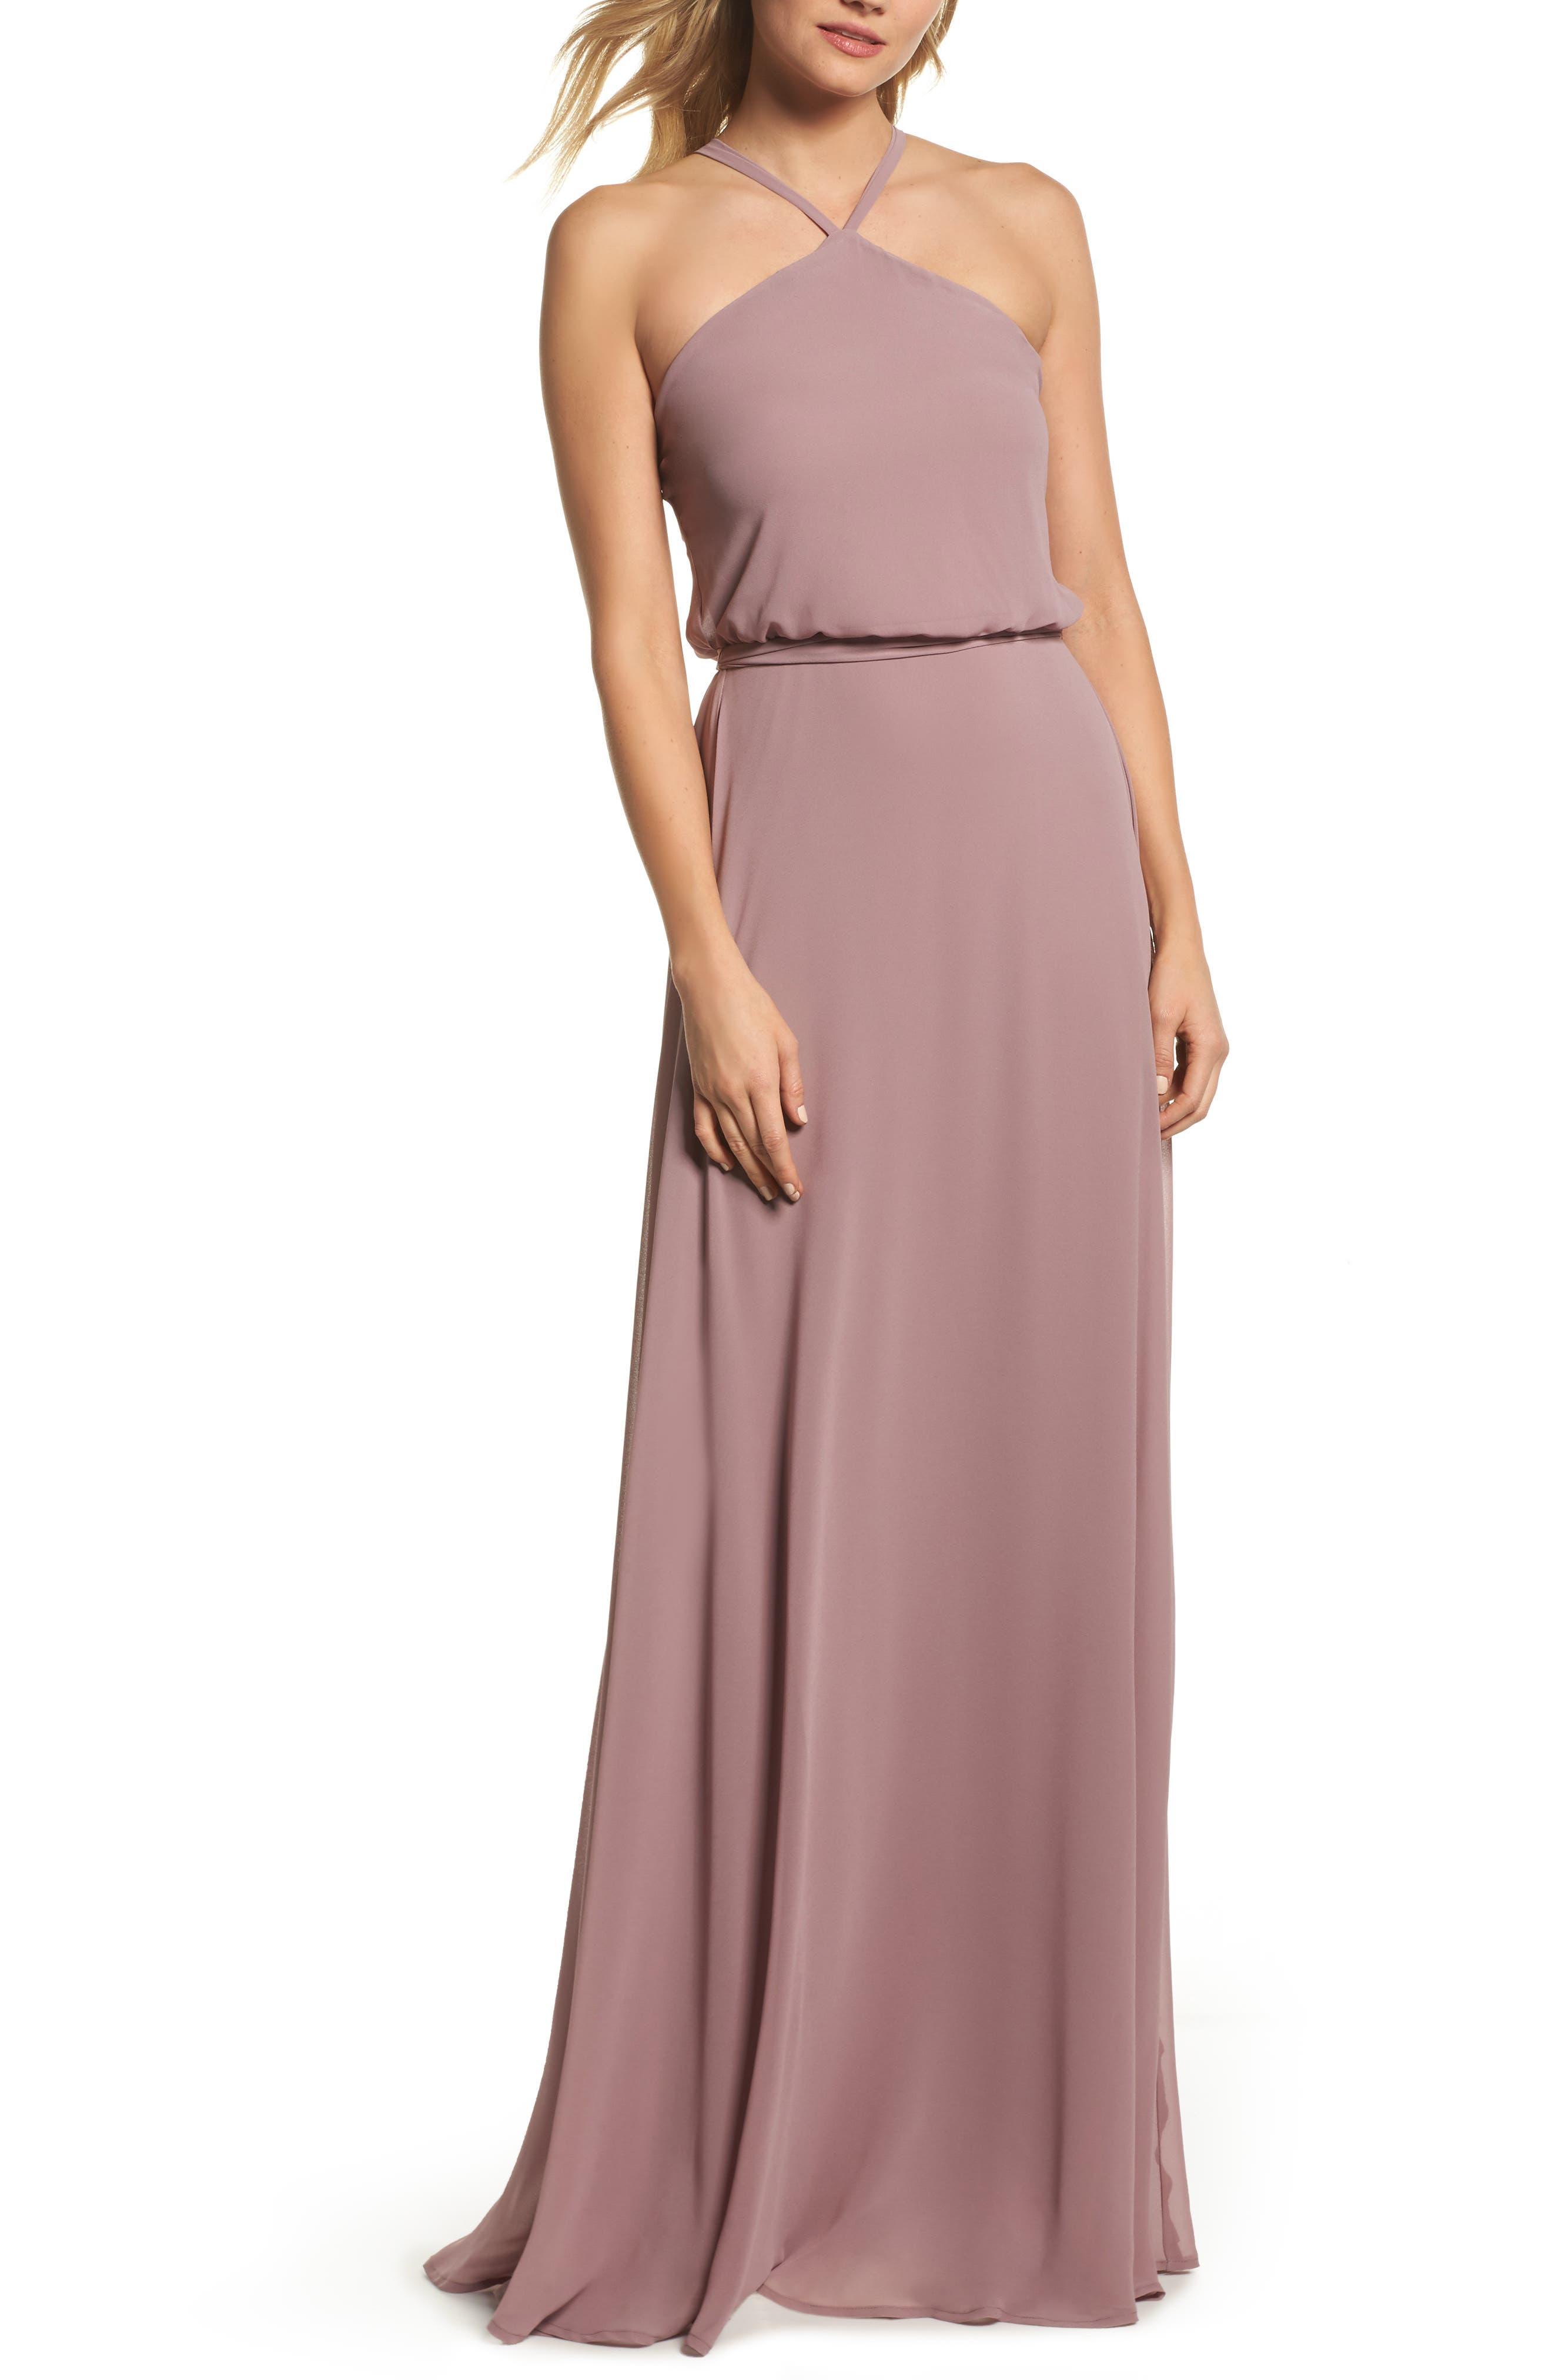 Alternate Image 1 Selected - nouvelle AMSALE Halter Neck Chiffon Blouson Gown